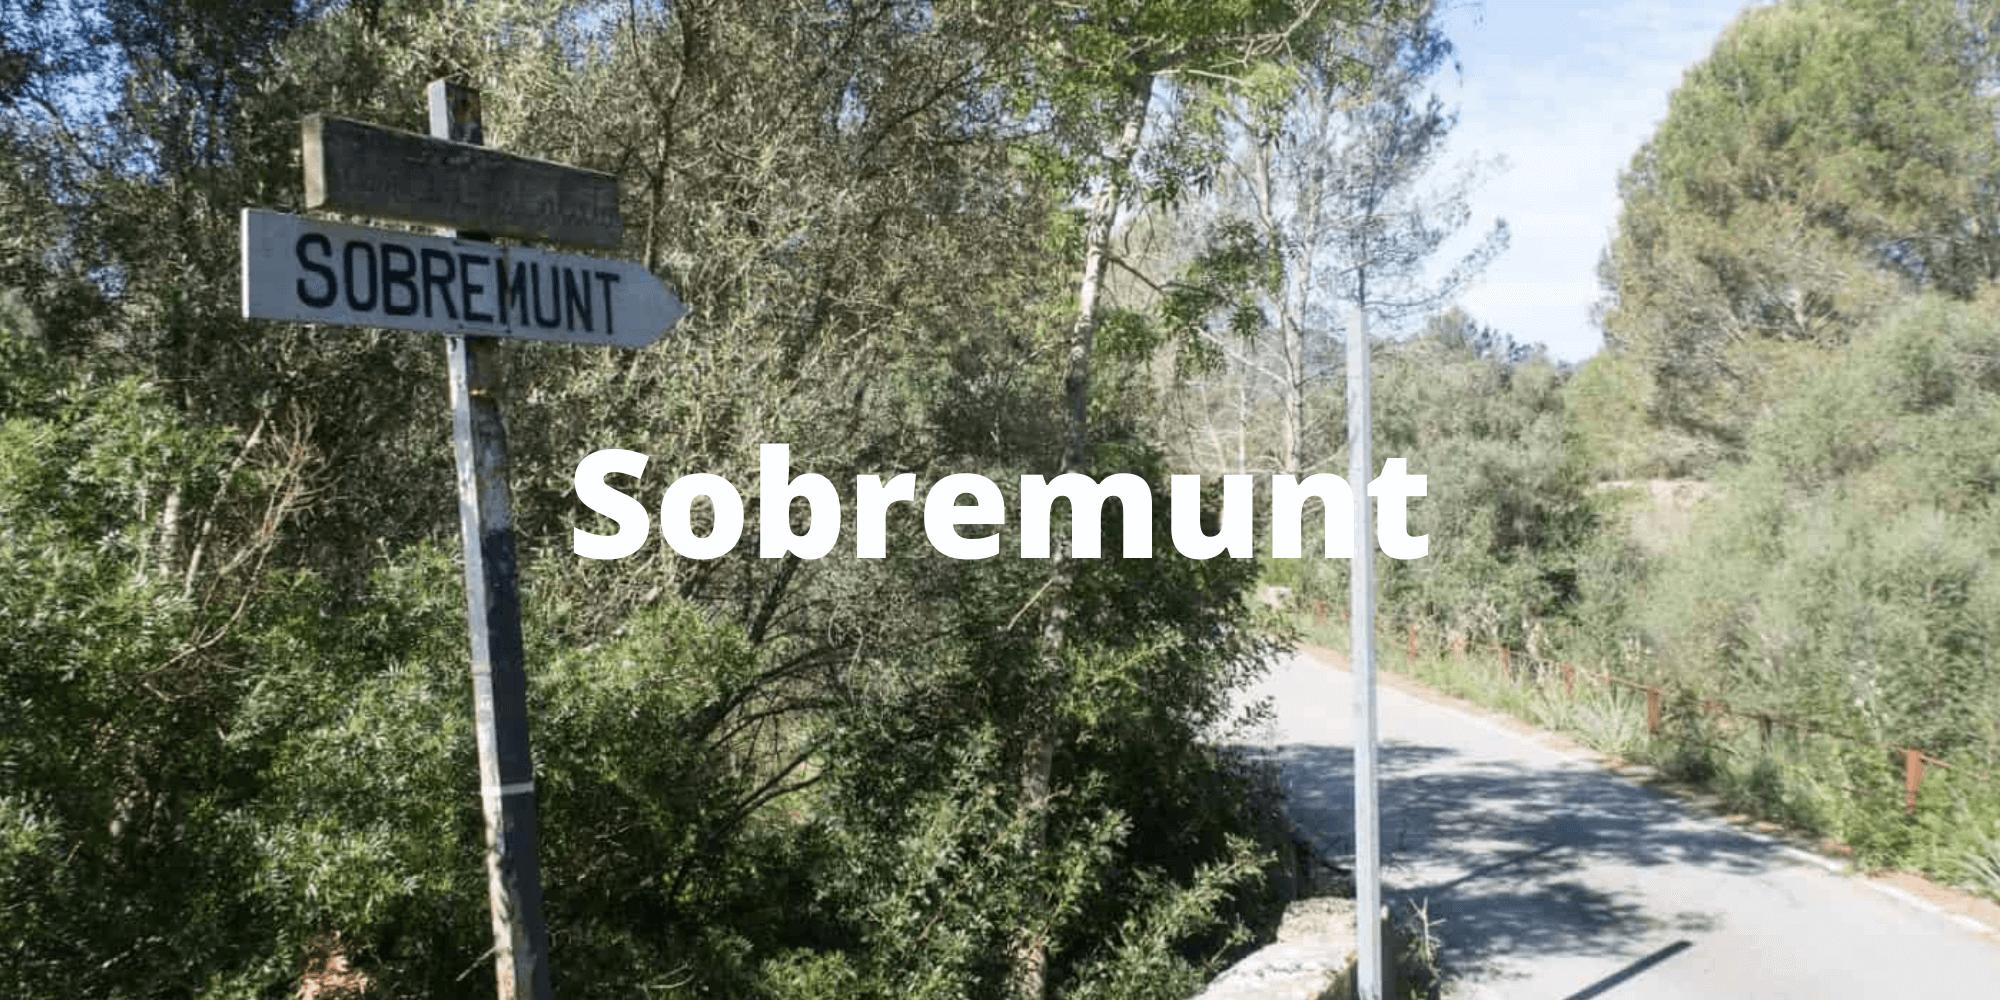 The Sobremunt climb in Mallorca